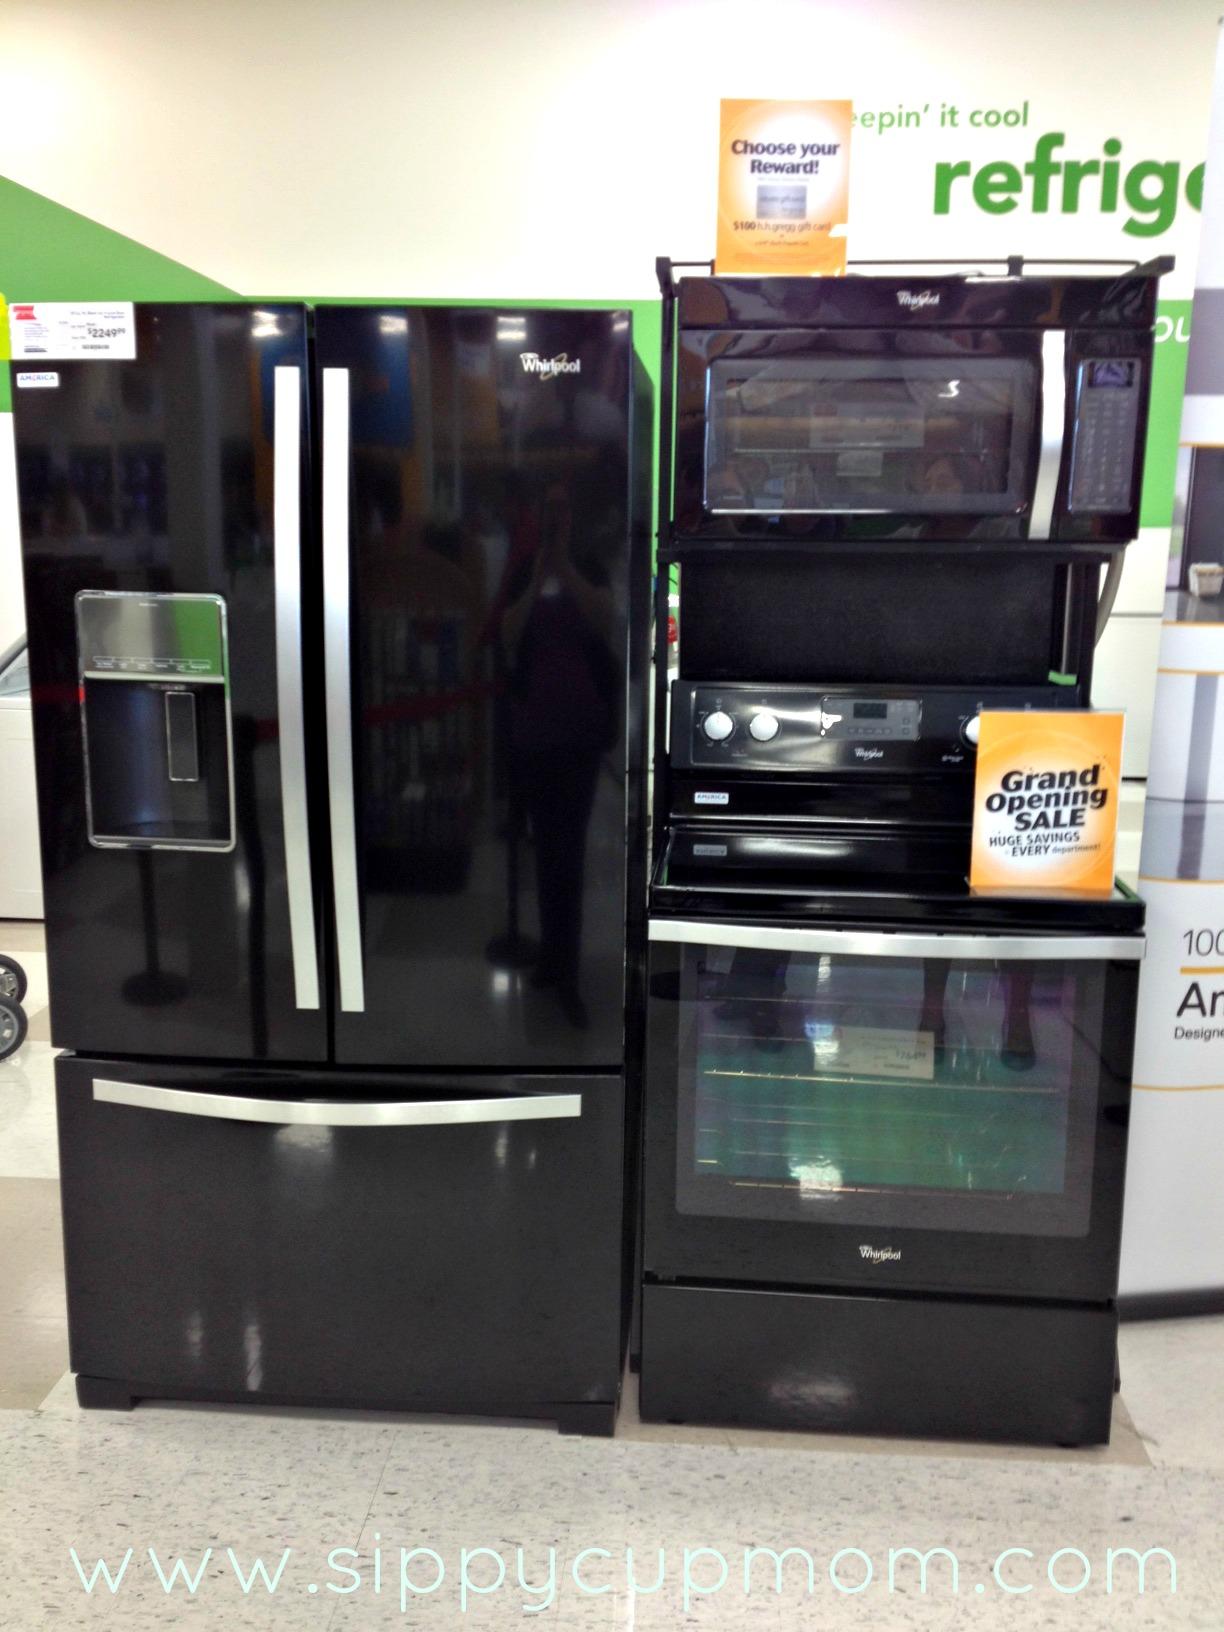 Whirlpool white ice hhgregg - Hhgregg appliances home kitchen ...